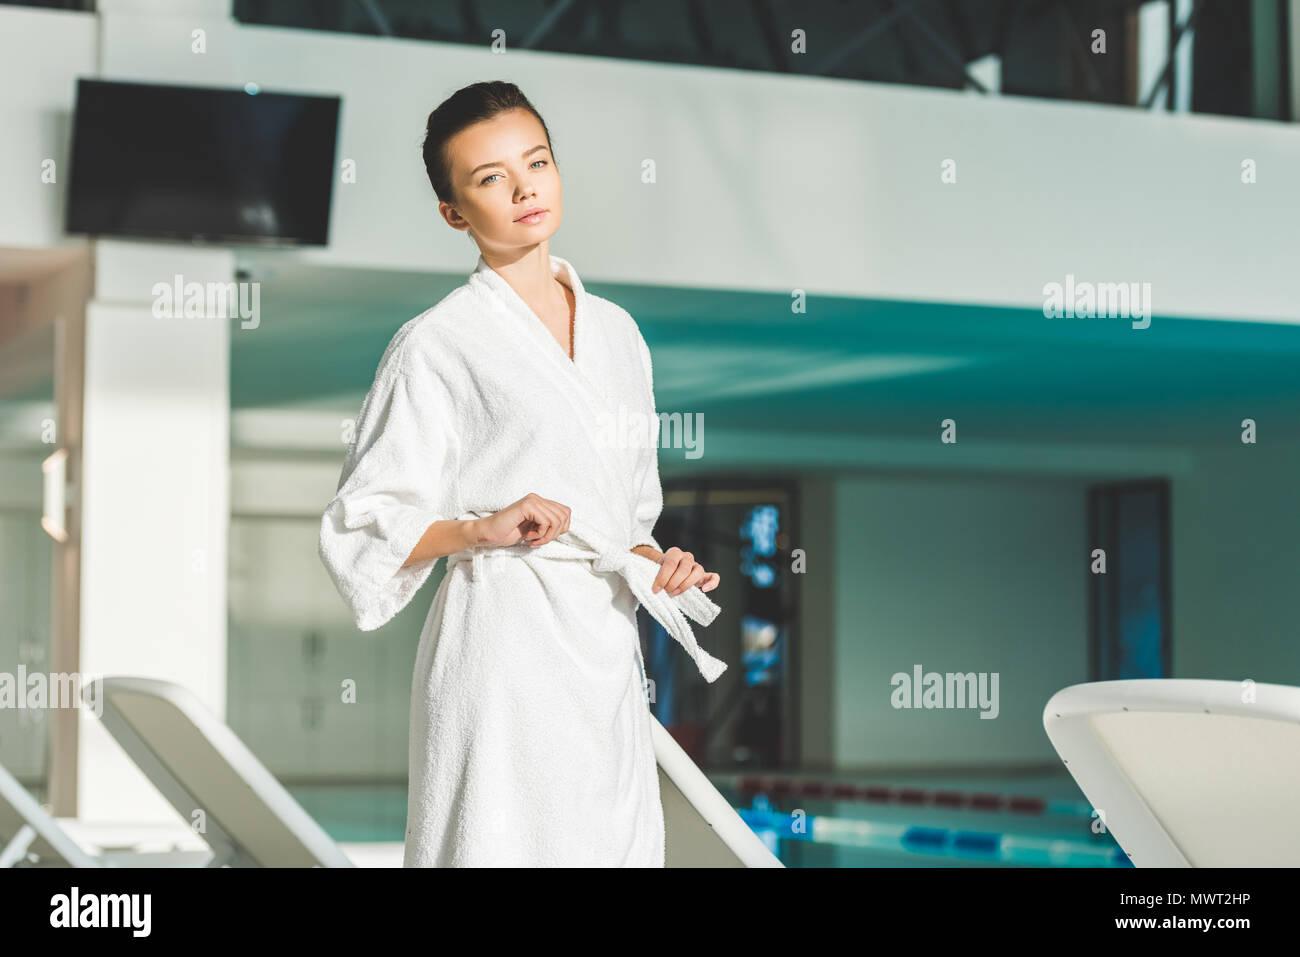 Bella giovane donna di vincolare il nastro di accappatoio a spa Immagini Stock